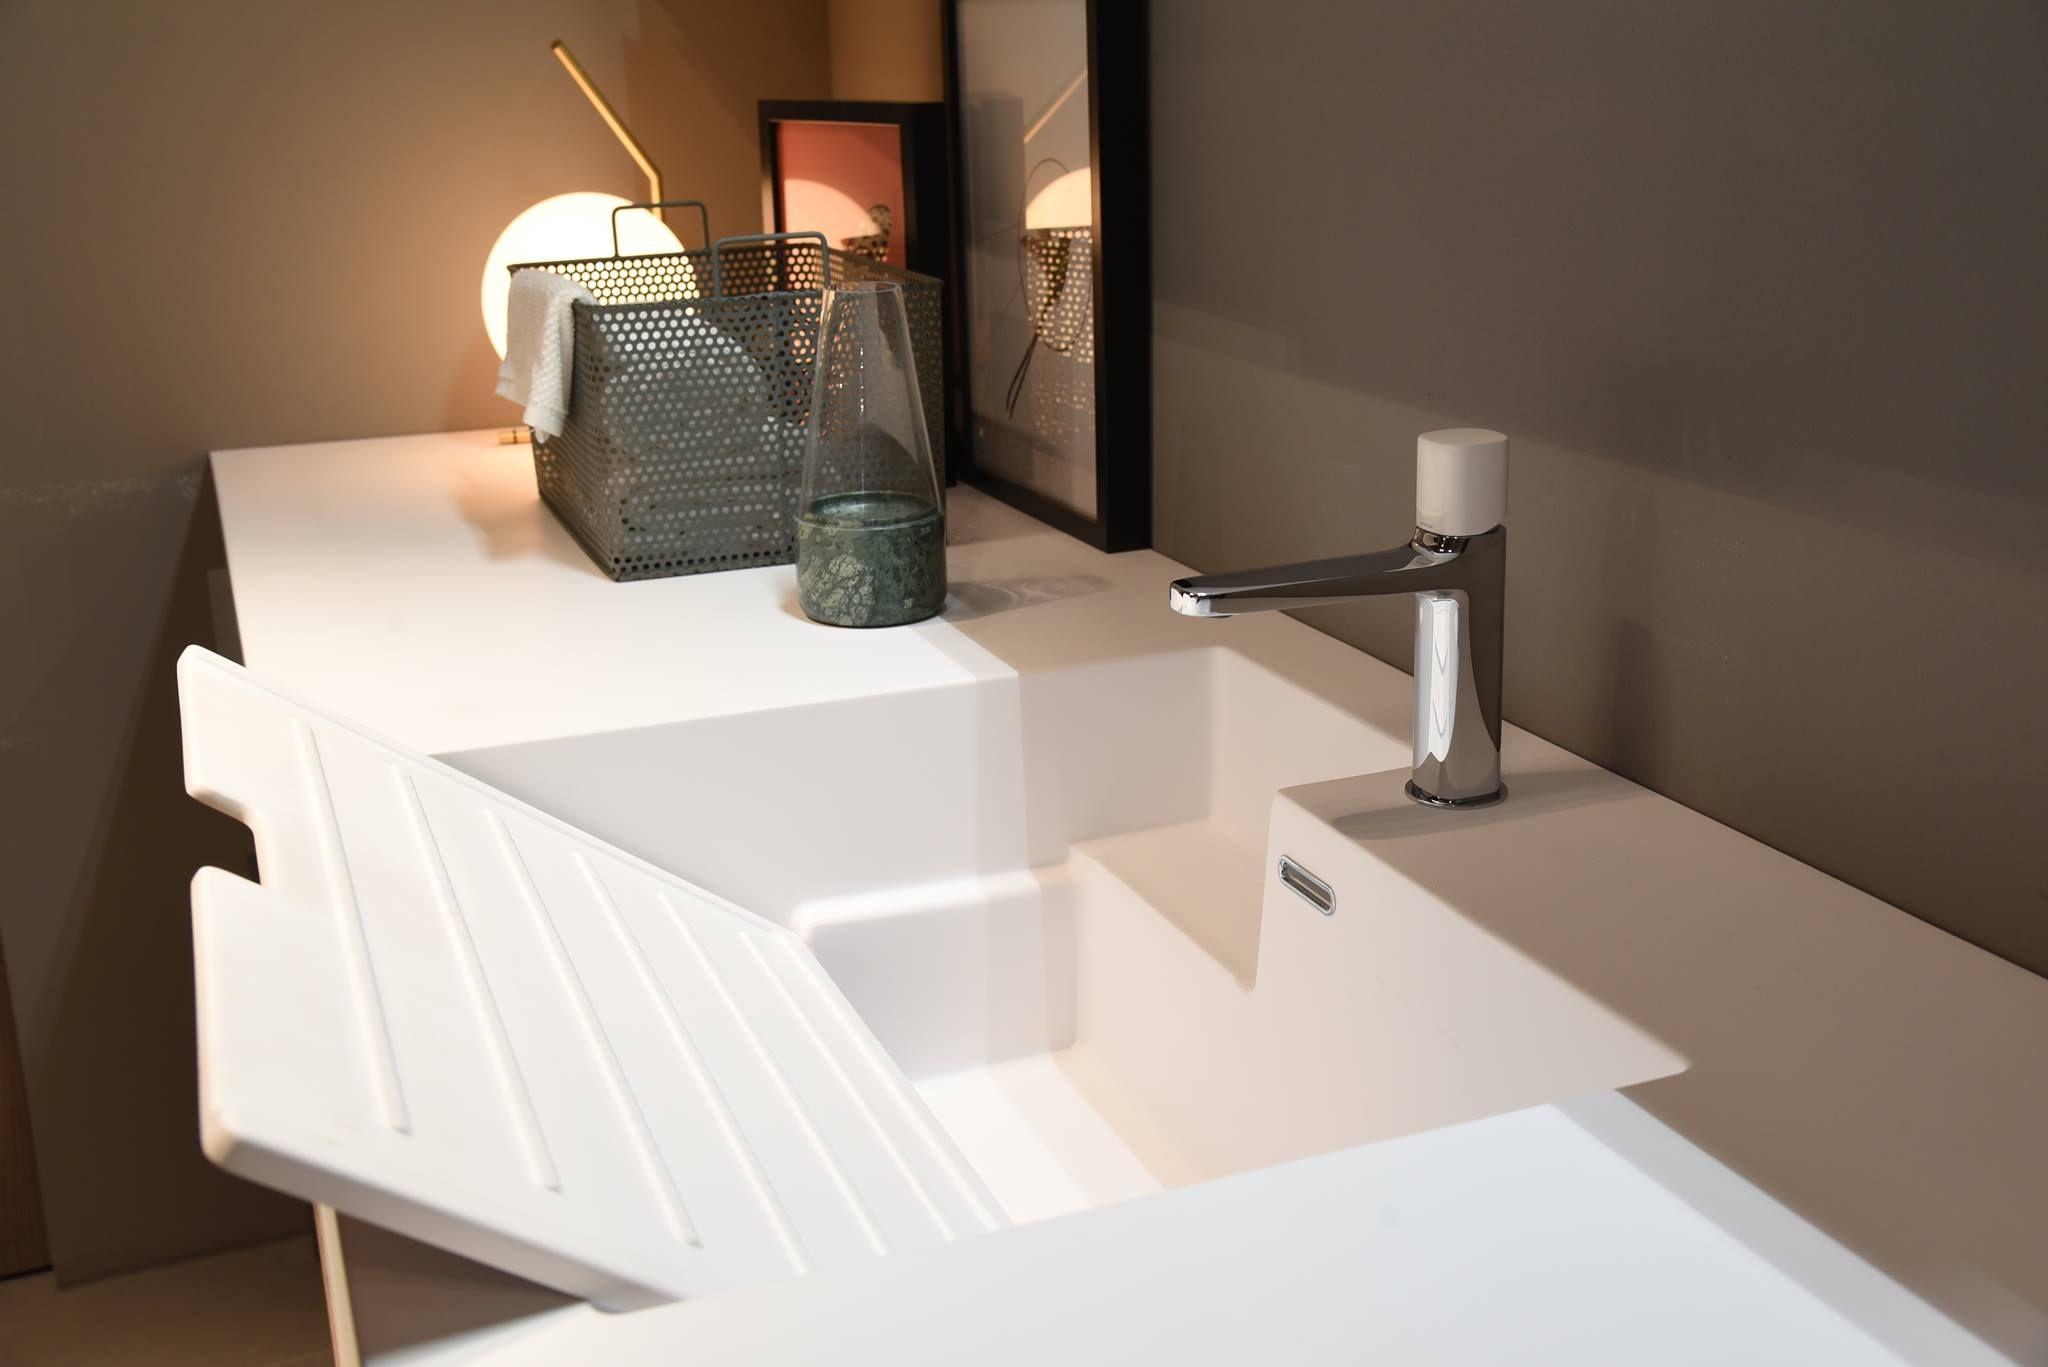 Lavatoio Per Bagno Lavanderia ottimizzare gli spazi: come arredare un bagno lavanderia